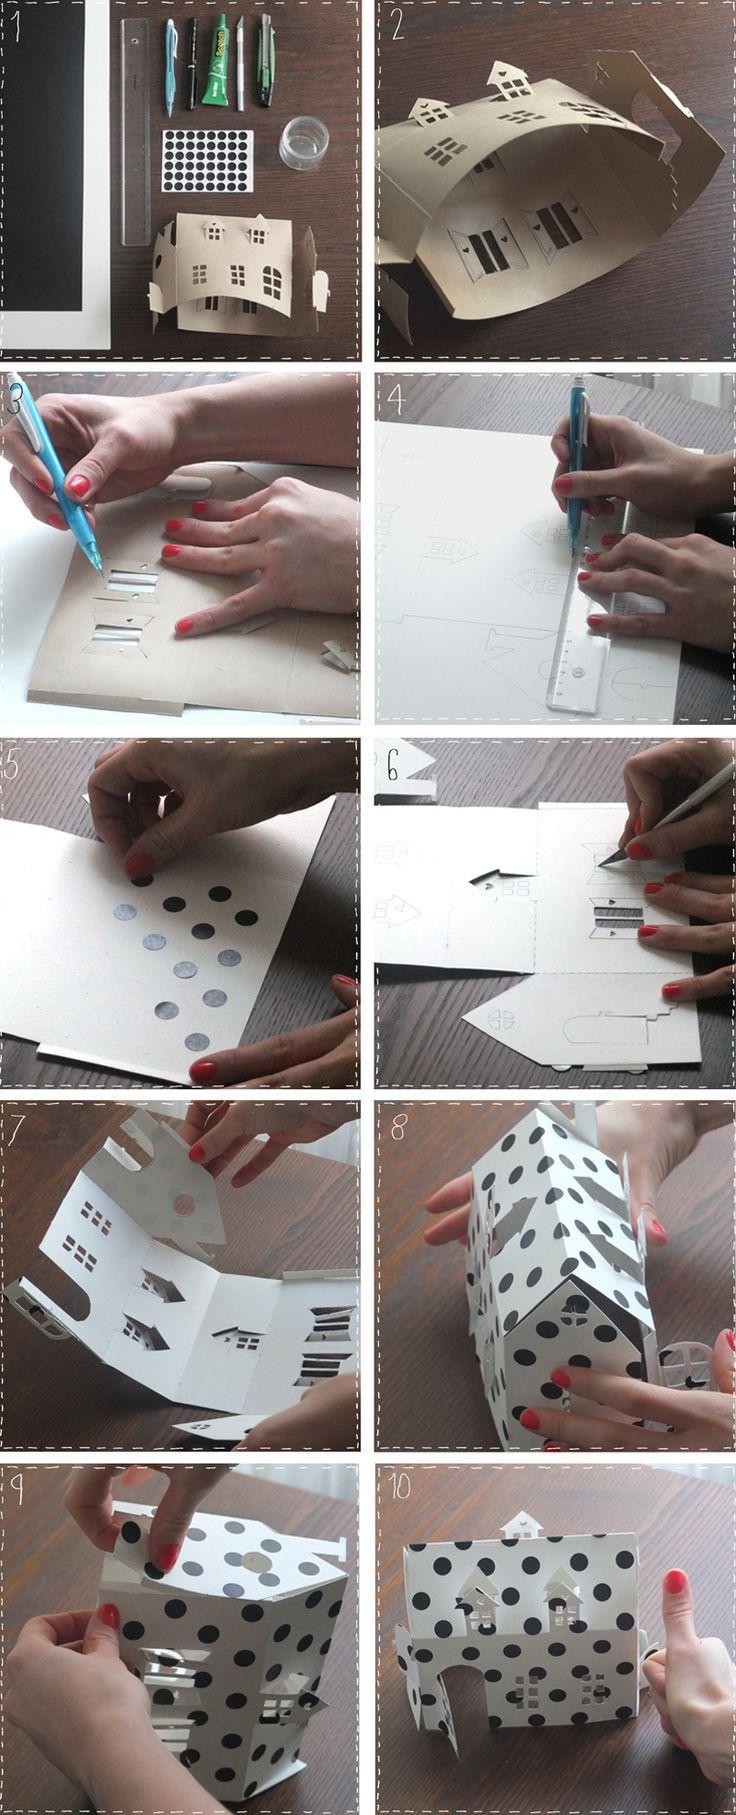 Maison en papier à imprimer sur du papier épais format A3